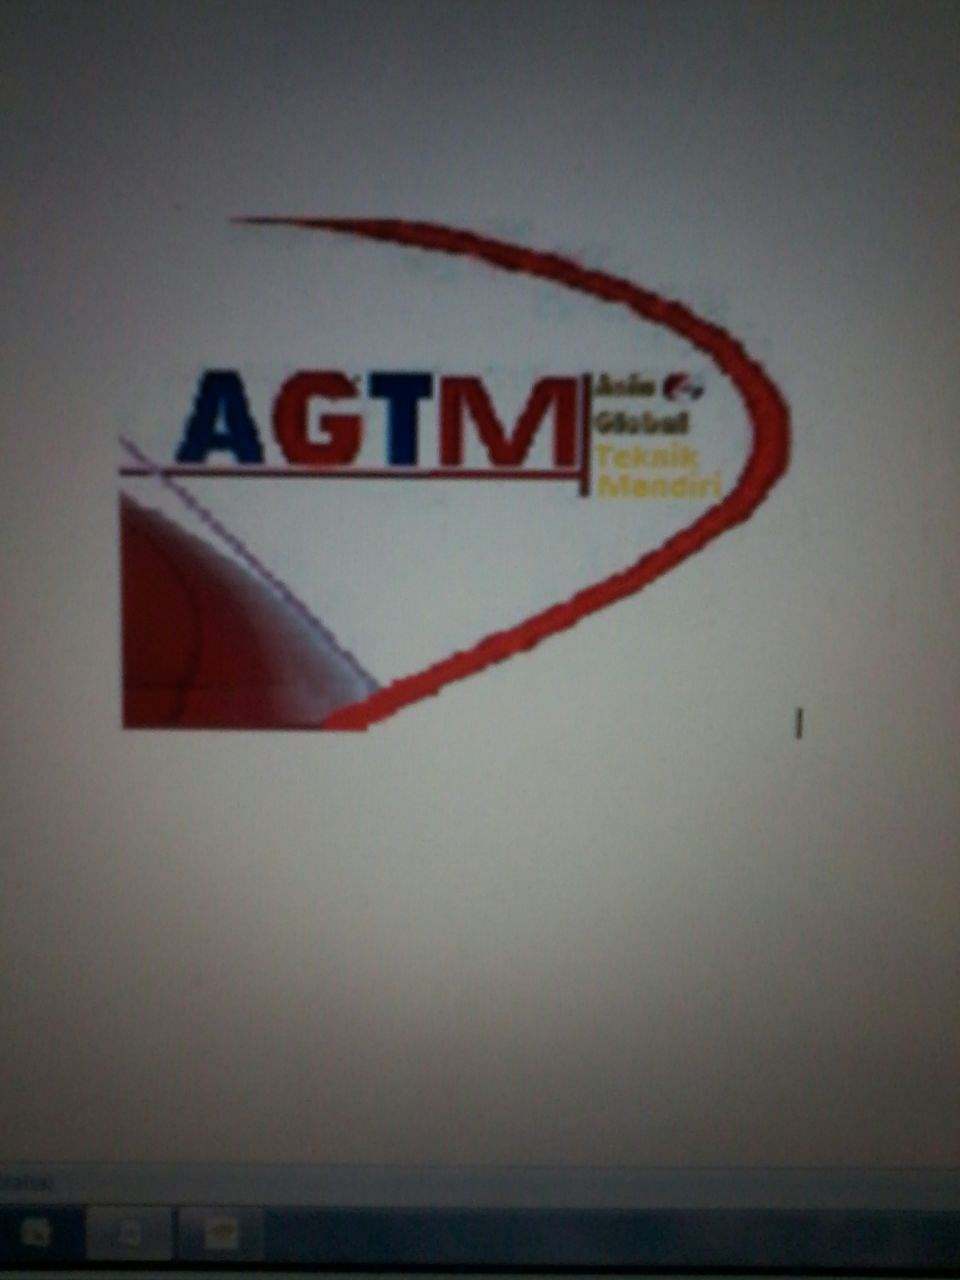 PT Asia Global Teknik Mandiri